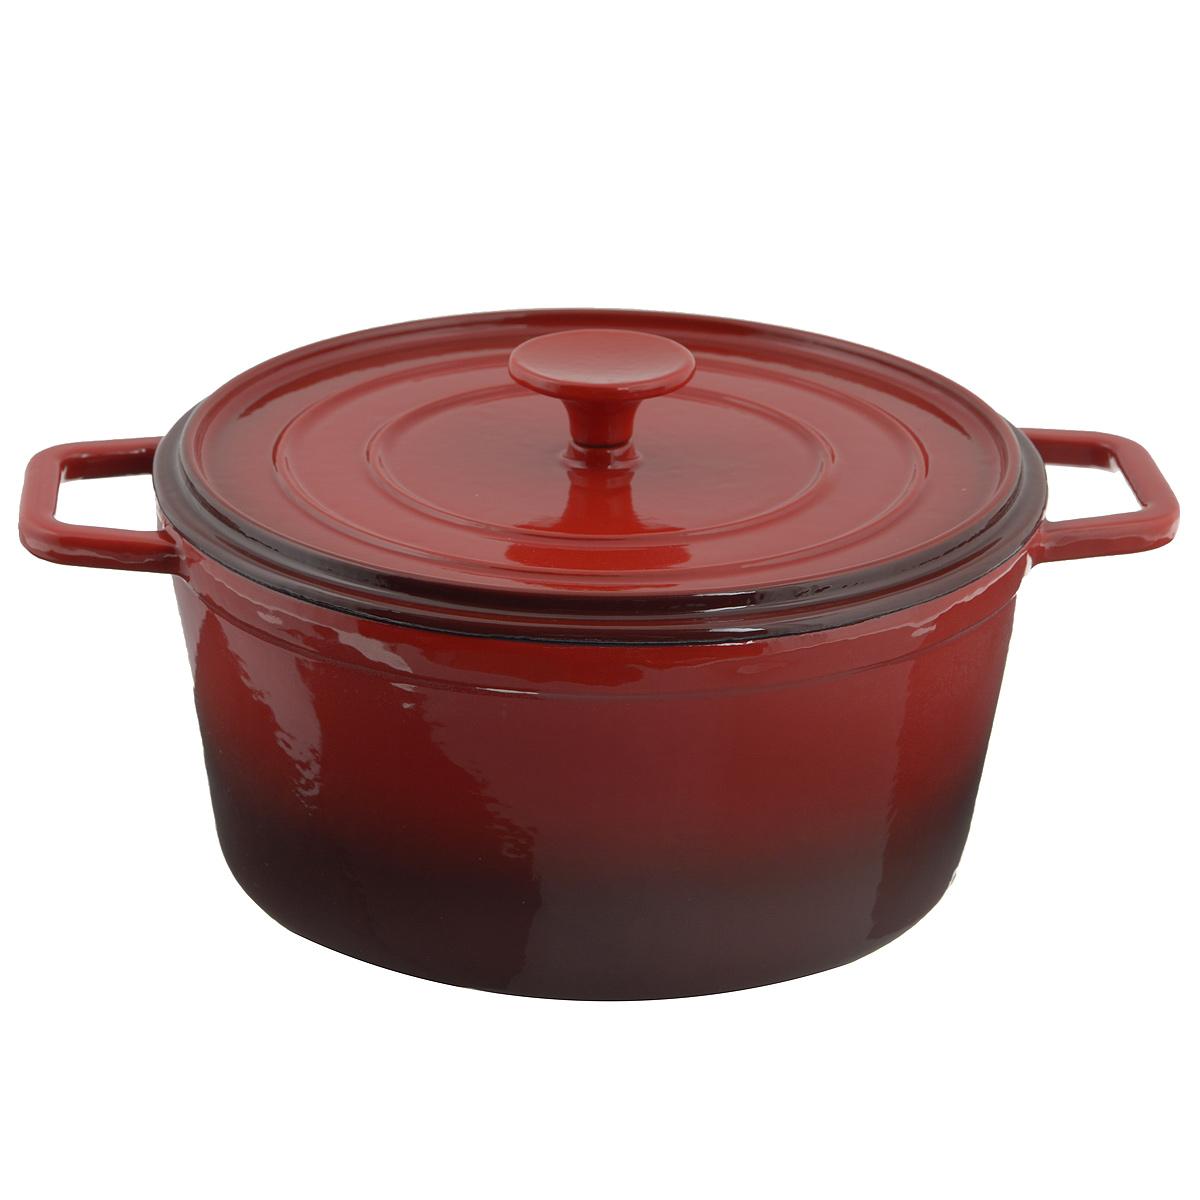 Кастрюля Mayer & Boch с крышкой, с эмалевым покрытием, 5 л54 009312Кастрюля Mayer & Boch, изготовленная из чугуна, идеально подходит для приготовления вкусных тушеных блюд. Она имеет внутреннее стекловидное эмалевое покрытие. Чугун является традиционным высокопрочным, экологически чистым материалом. Причем, чем дольше и чаще вы пользуетесь этой посудой, тем лучше становятся ее свойства. Высокая теплоемкость чугуна позволяет ему сильно нагреваться и медленно остывать, а это в свою очередь обеспечивает равномерное приготовление пищи. Чугун не вступает в какие-либо химические реакции с пищей в процессе приготовления и хранения, а плотное покрытие - безупречное препятствие для бактерий и запахов. Пища, приготовленная в чугунной посуде, благодаря экологической чистоте материала не может нанести вред здоровью человека. Кастрюля оснащена двумя удобными ручками. Крышка изготовлена из чугуна. Она плотно прилегает к краю казана, сохраняя аромат блюд. Можно использовать в духовом шкафу. Нельзя мыть в посудомоечной машине. Высота стенки: 12 см. Толщина стенки: 5 мм. Толщина дна: 6 мм. Ширина кастрюли (с учетом ручек): 34 см.